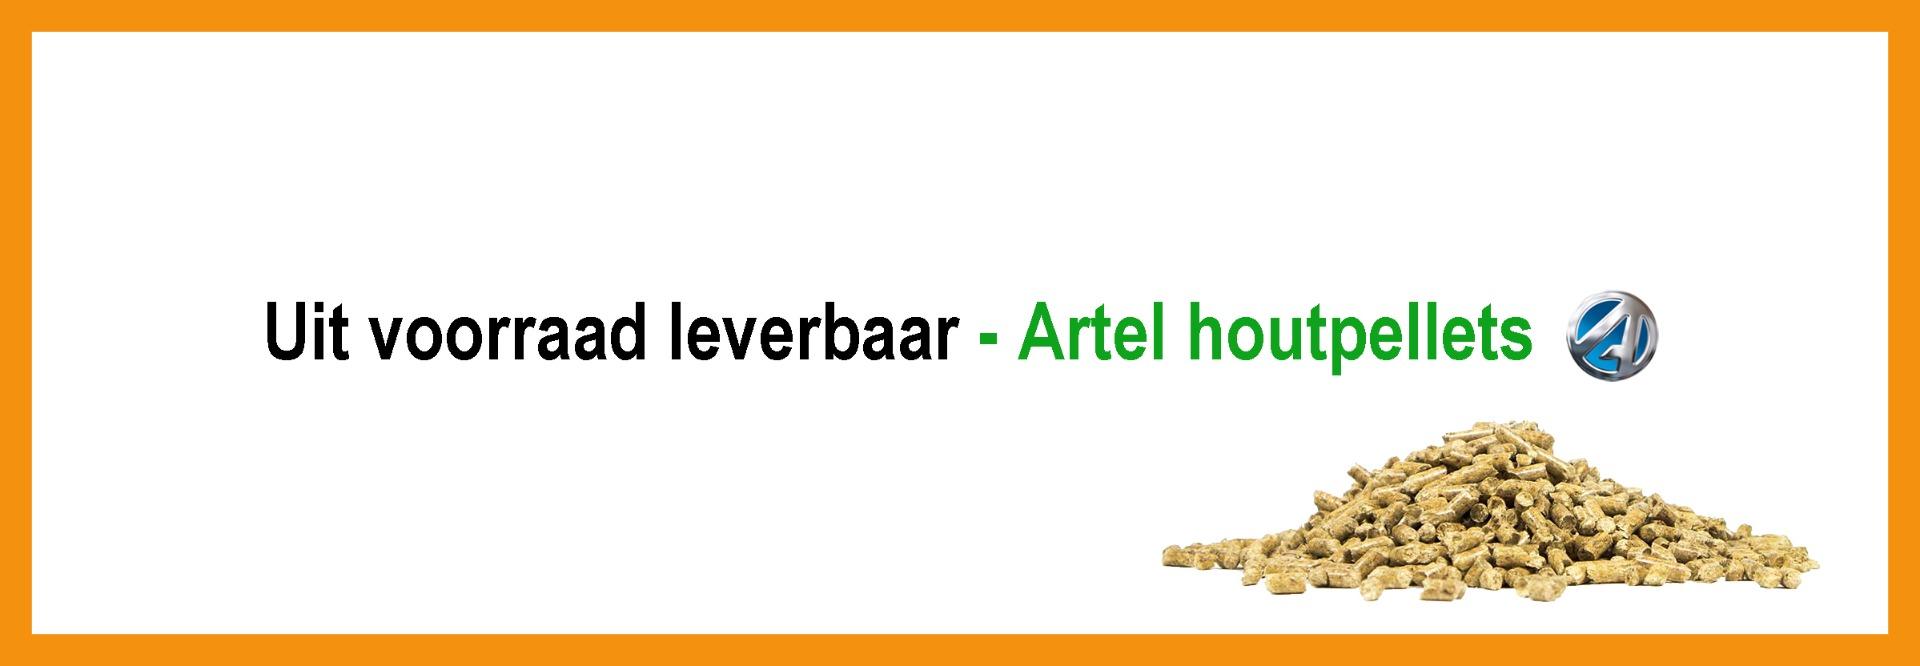 Artel houtpellets | BlueSolid